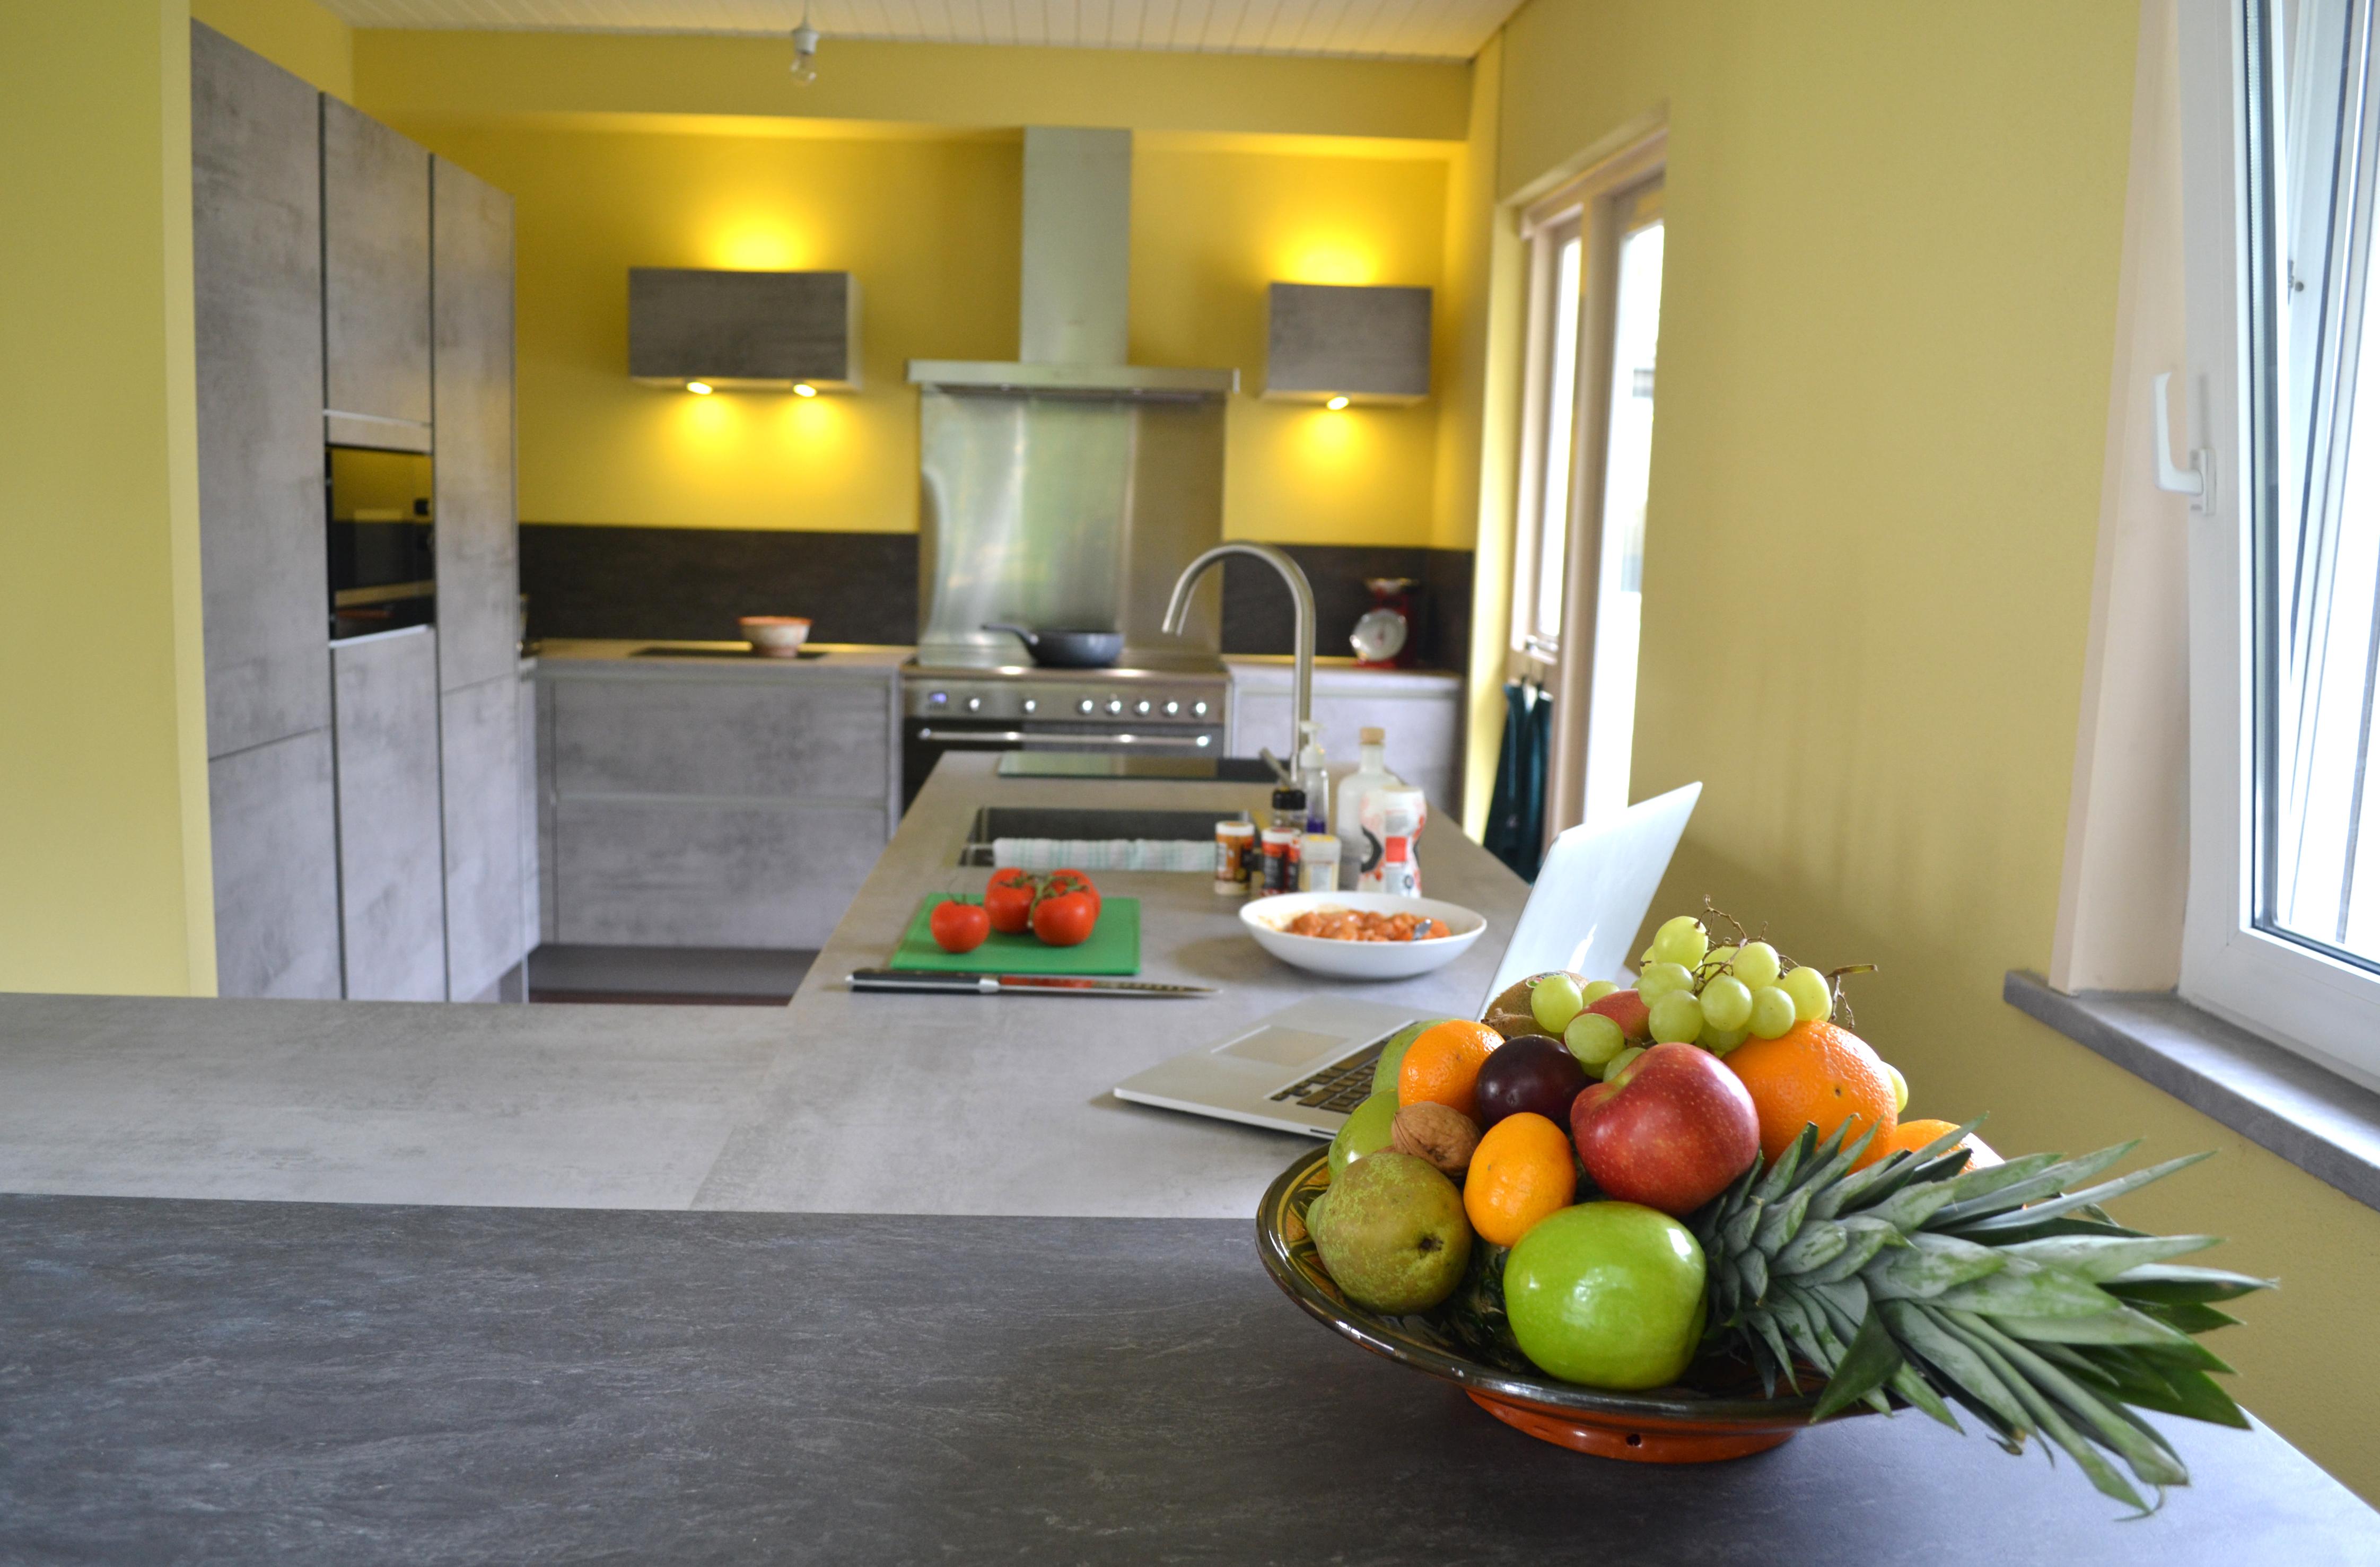 Keuken Hello Kitchen